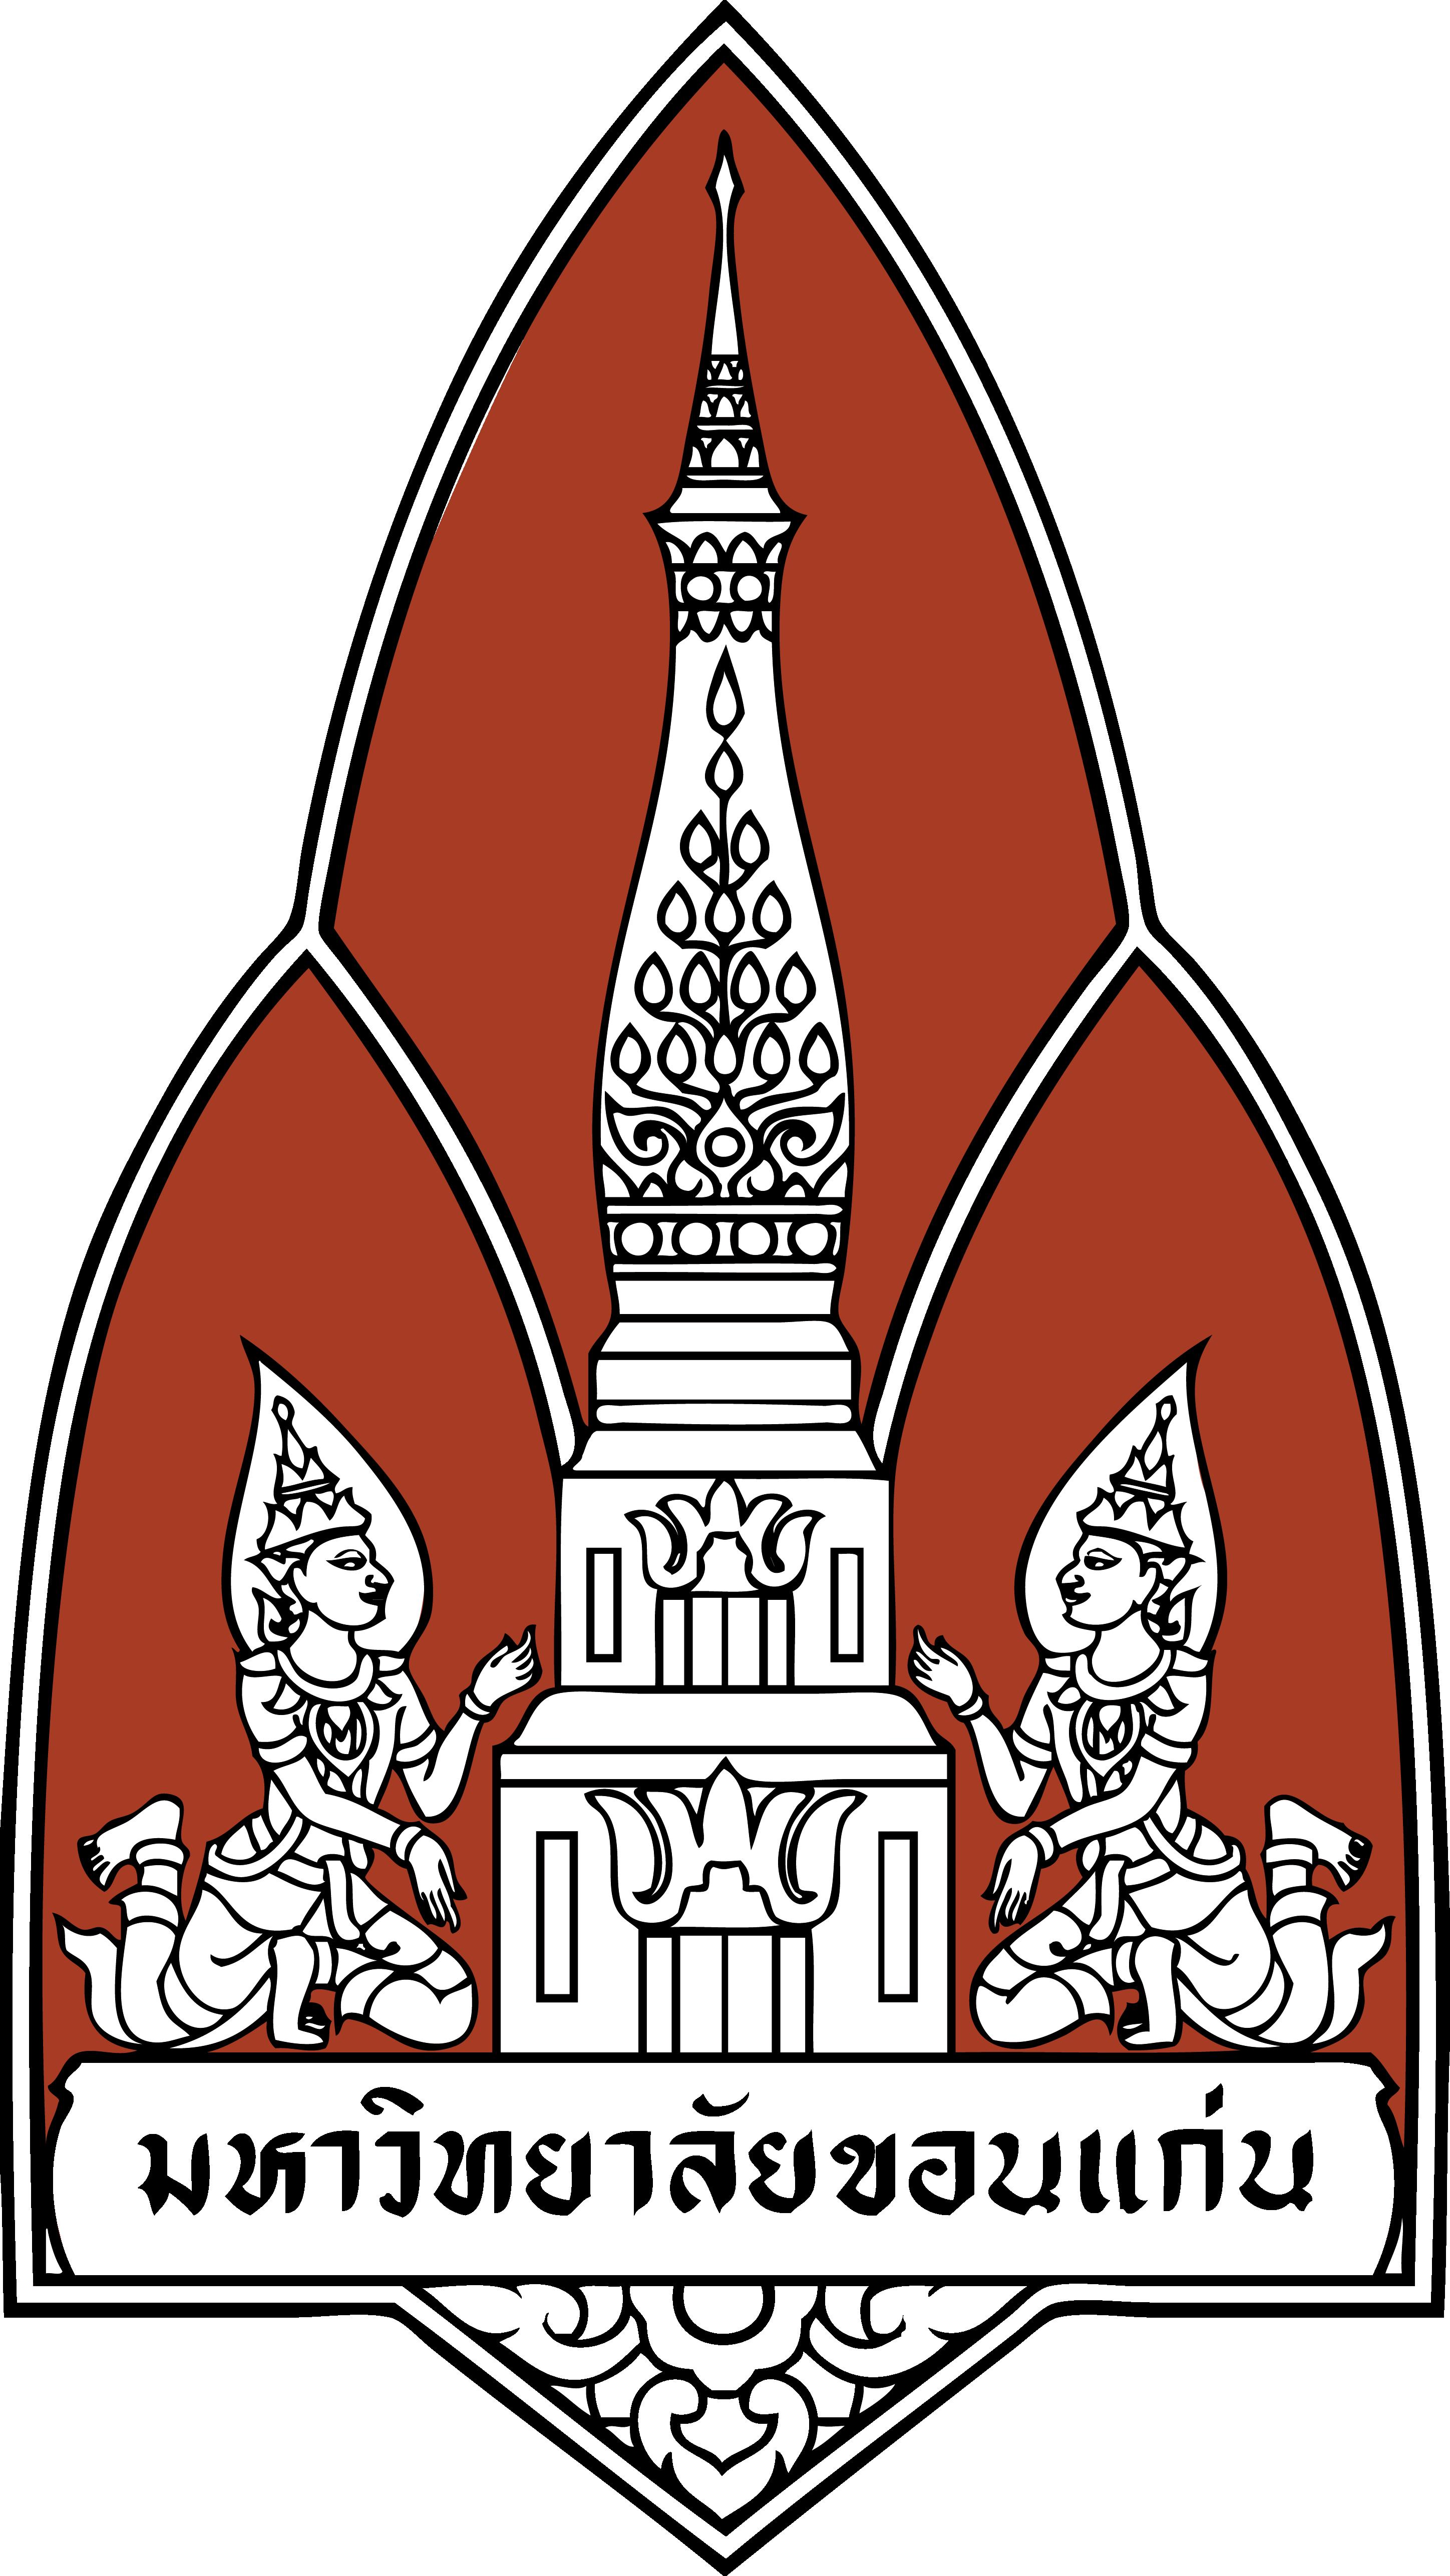 ประกาศ ตราและสัญลักษณ์ของมหาวิทยาลัยขอนแก่น พ.ศ. ๒๕๖๑ – กองสื่อสารองค์กร